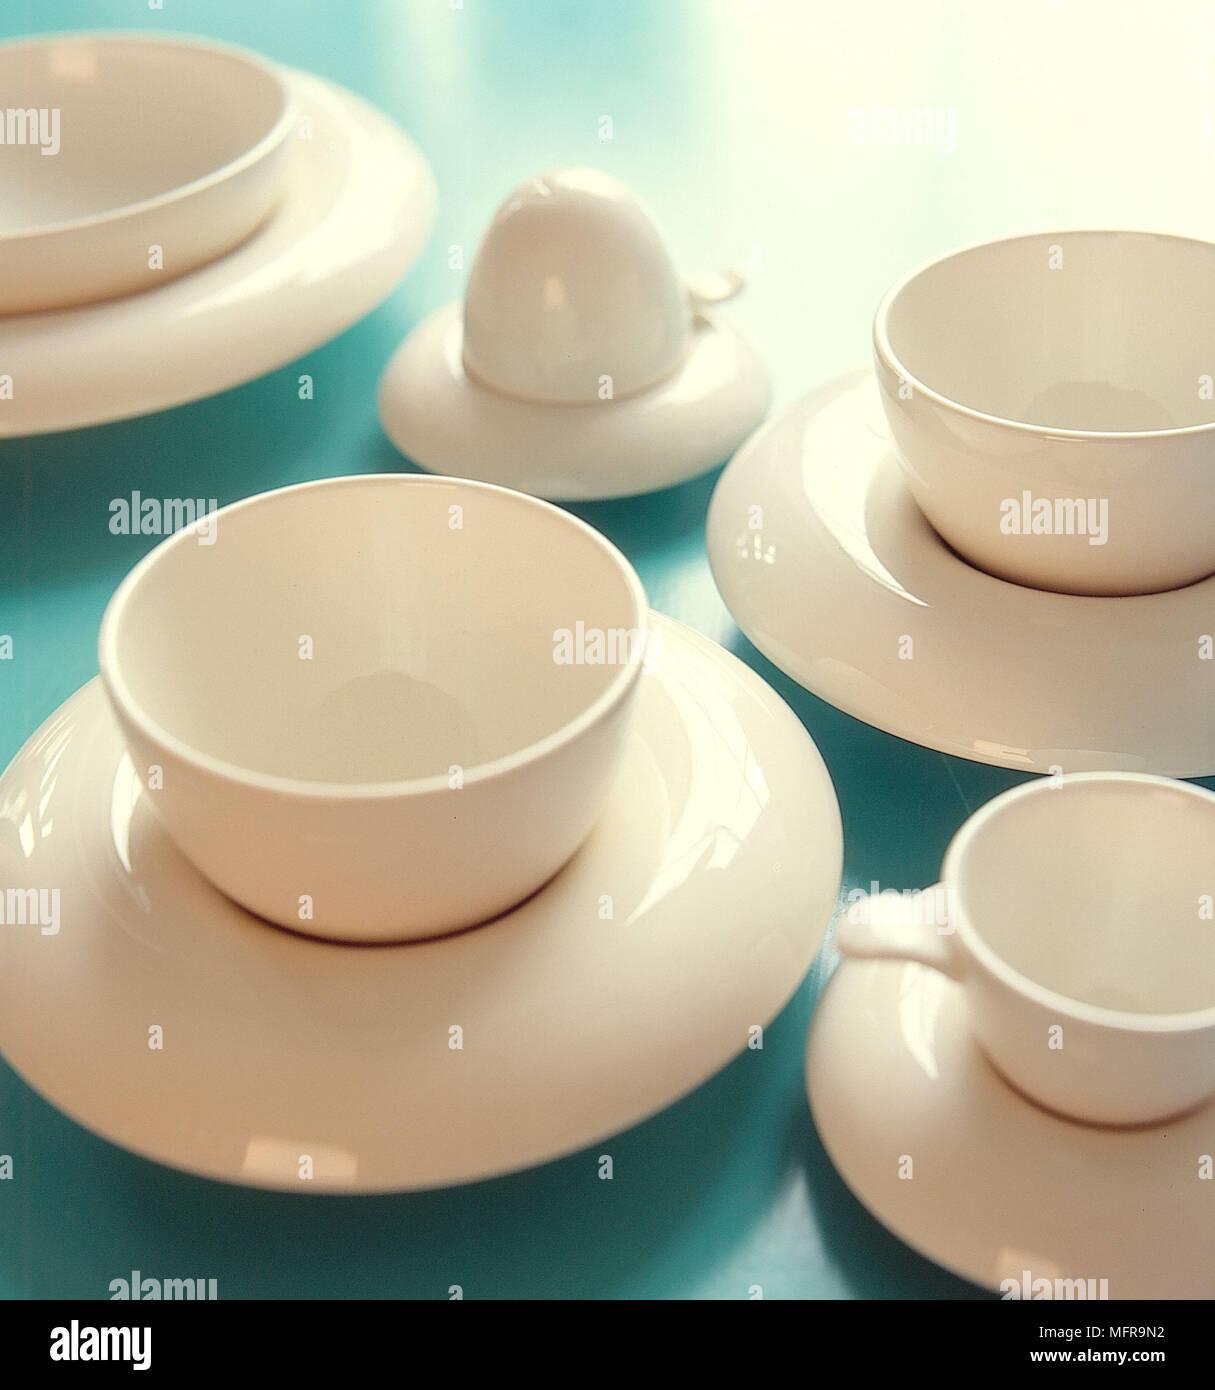 Creme Keramik Geschirr Teller Tassen Interieur Geschäfte Keramik